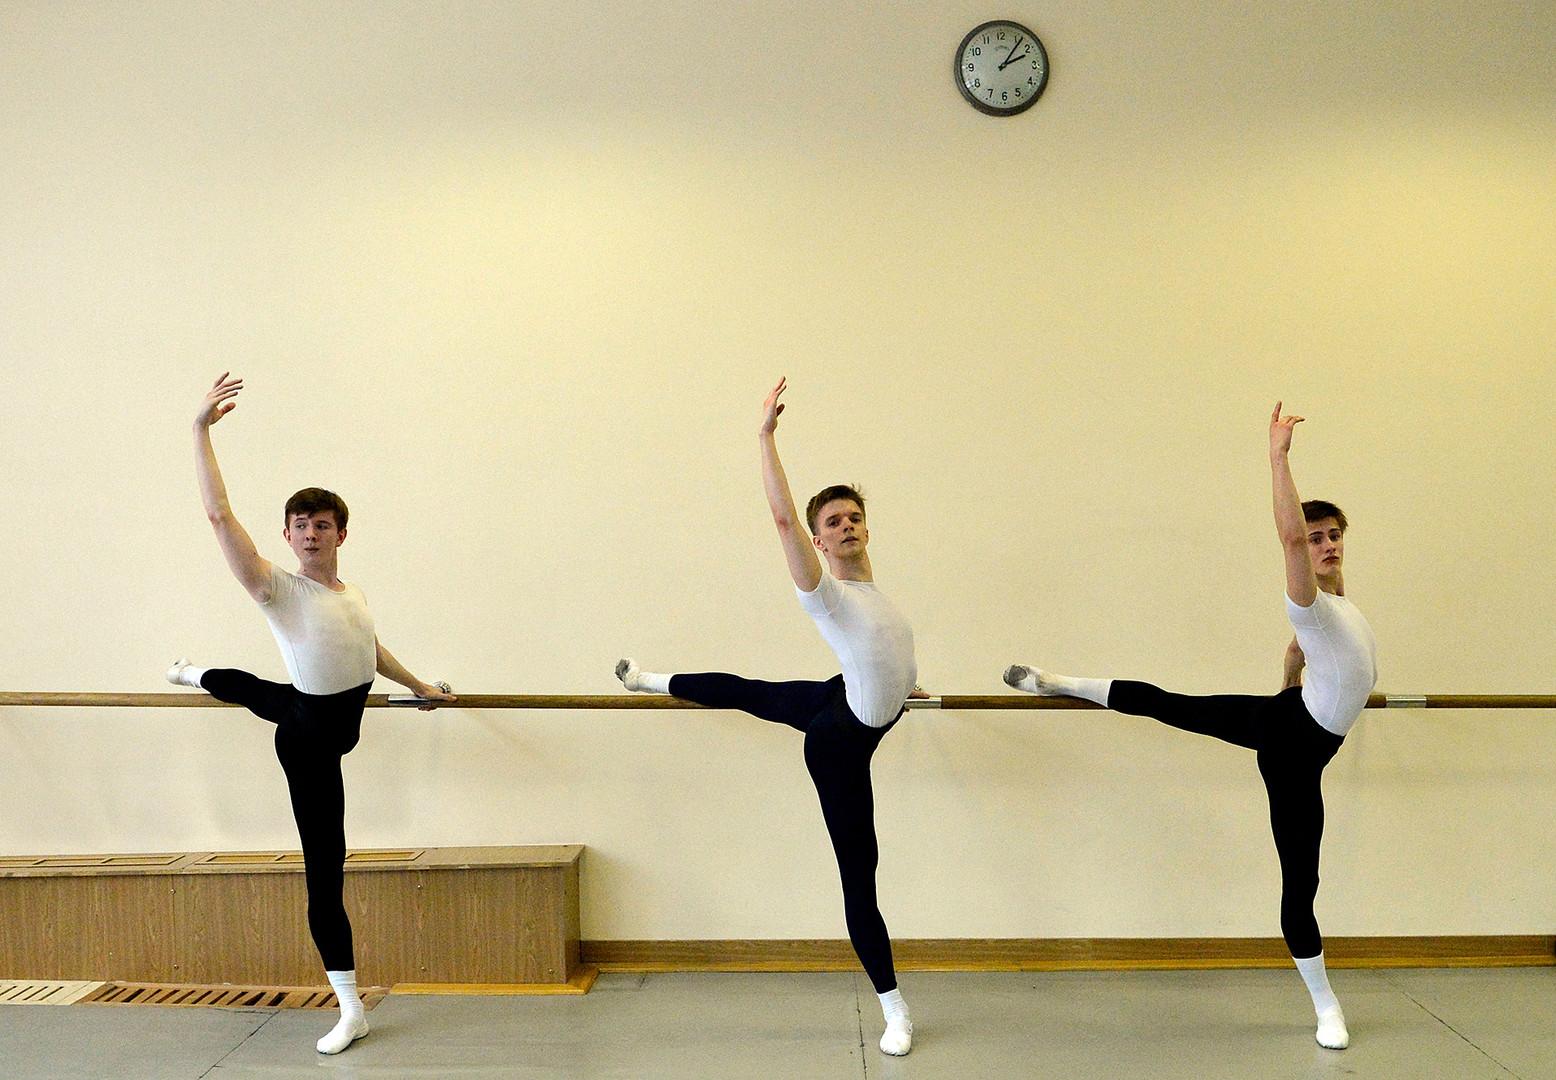 Los estudiantes de la Academia de Ballet del Bolshói durante la clase, Moscú